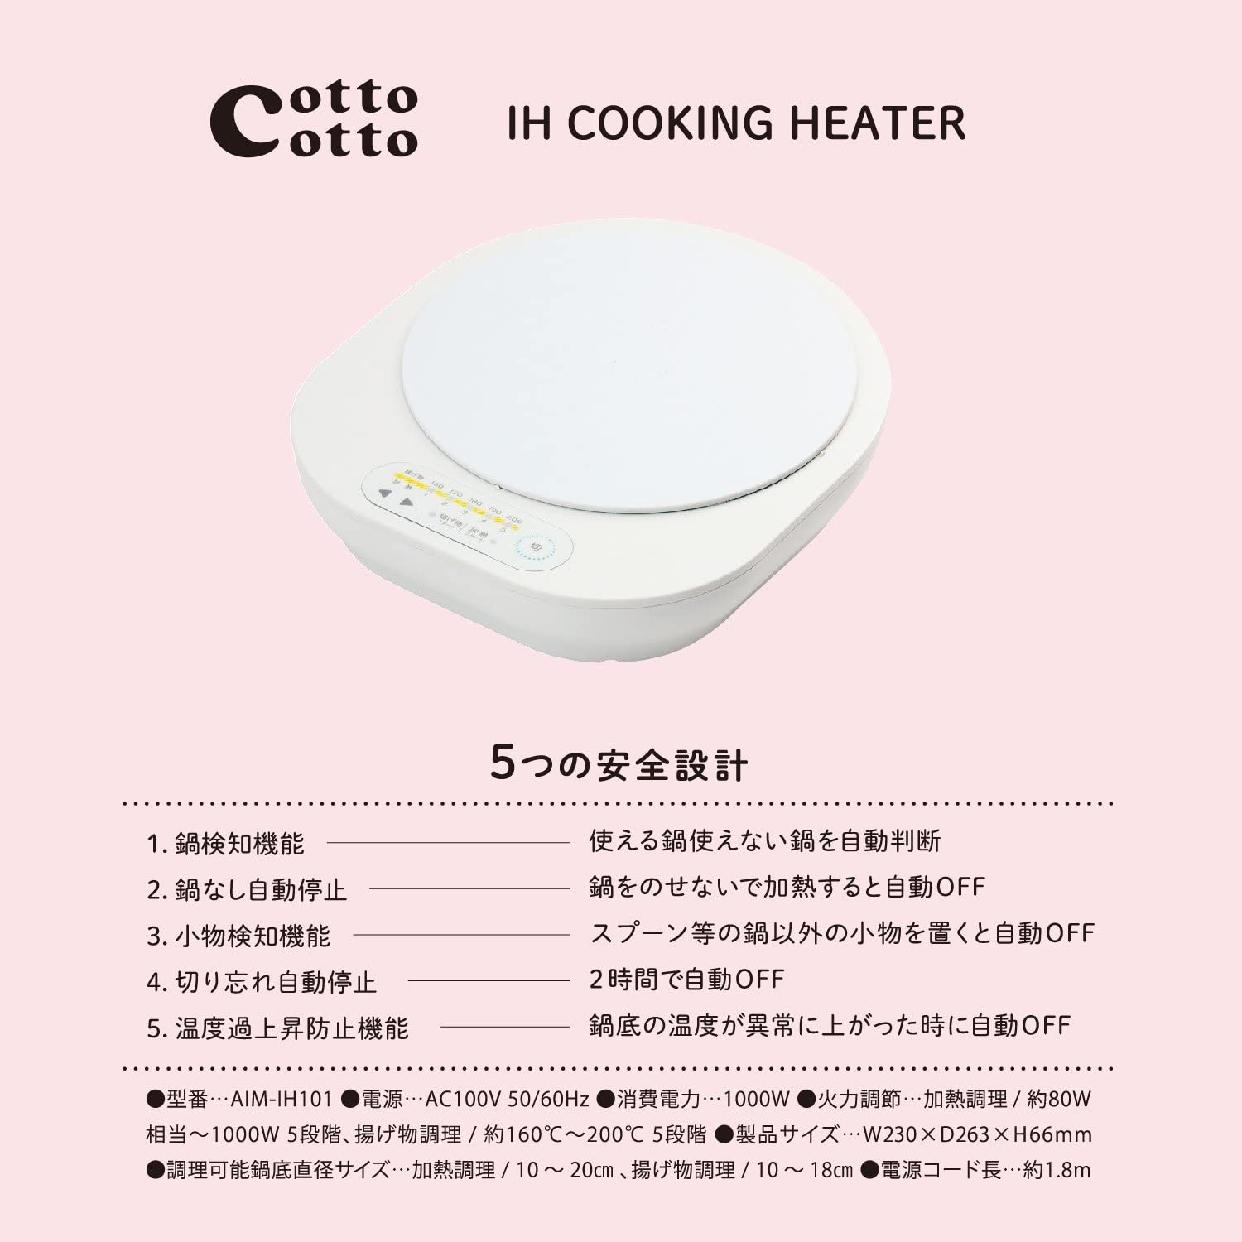 cotto cotto(コットコット) IHにるセット ホワイト(WT) AIM-CT101の商品画像7